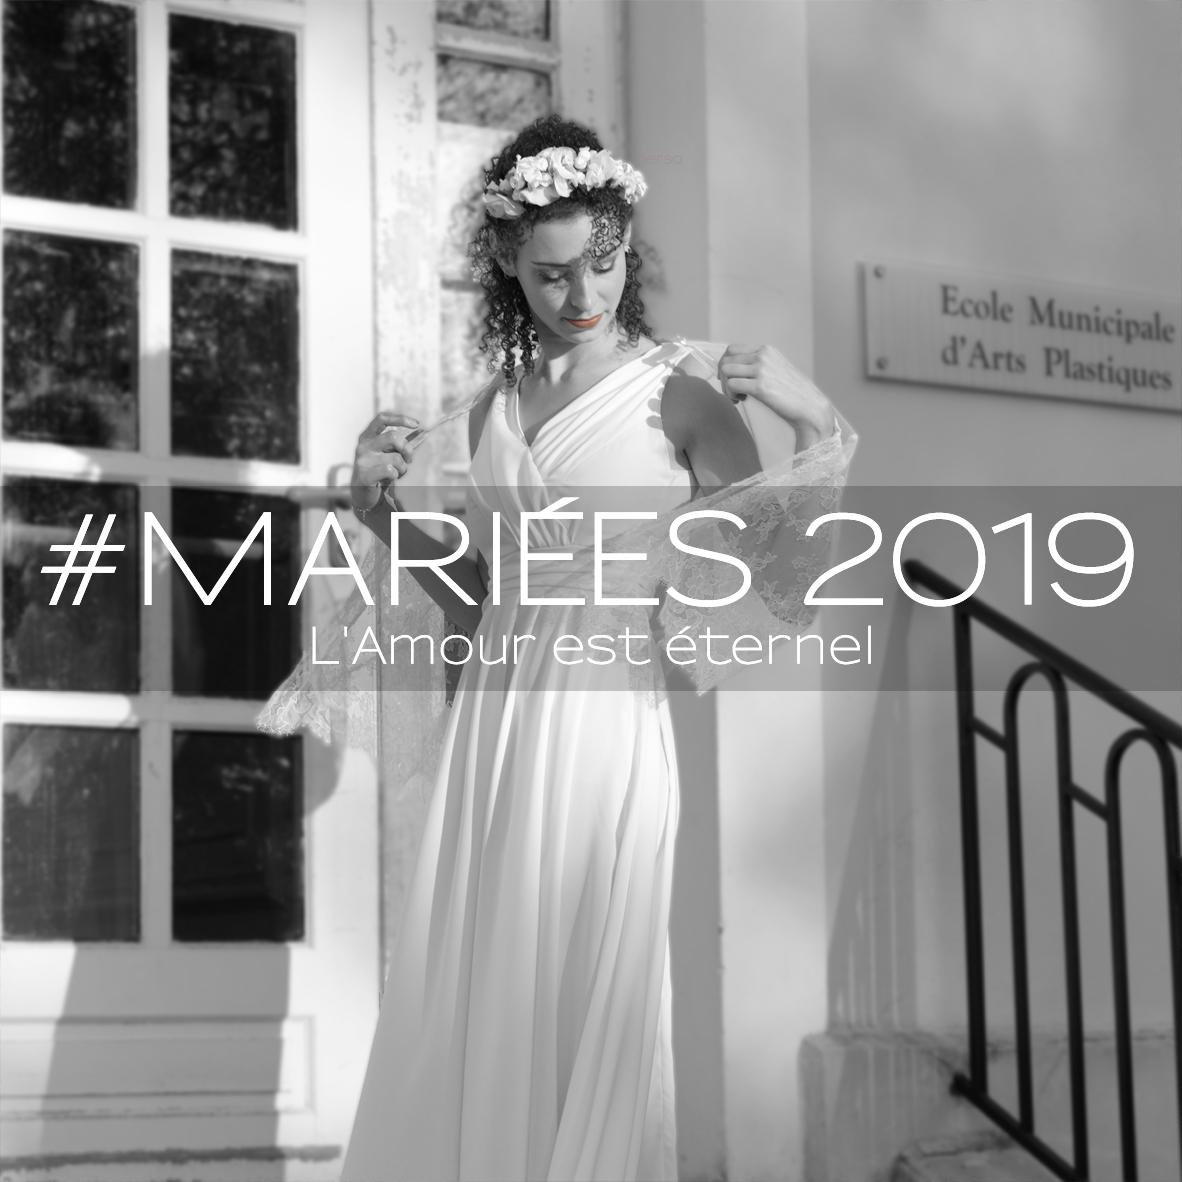 MARIEES 2019 - L'Amour est éternel - Fabienne Dimanov Mariage